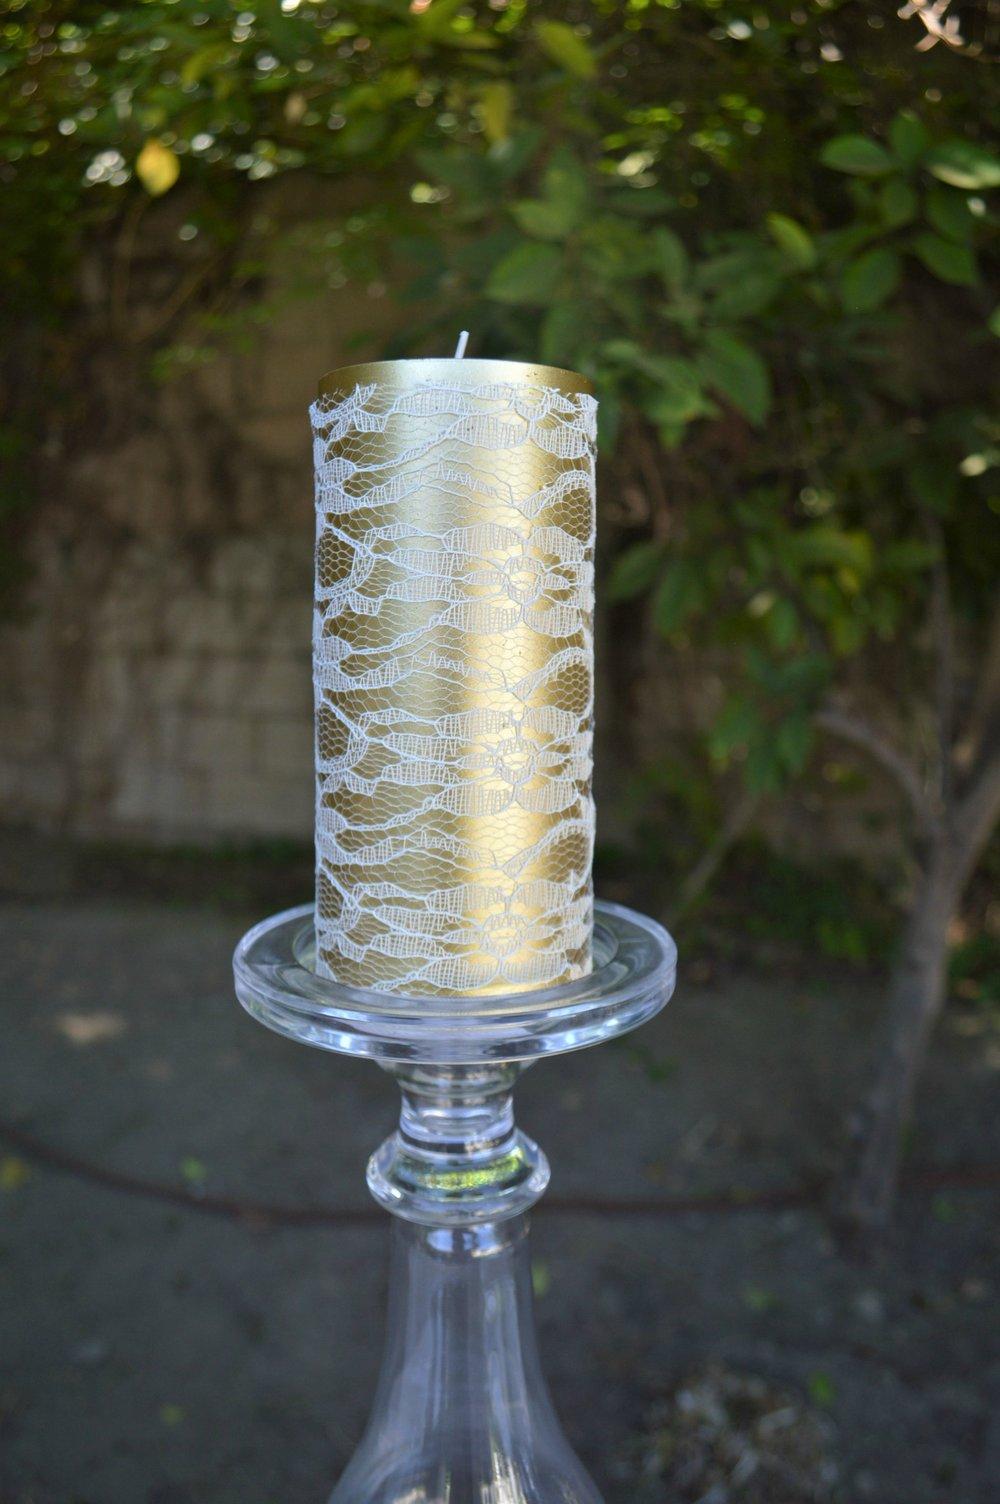 wedding candle-wedding candles ideas-wedding decor-backyard wedding-www.SugarPartiesLA.com.jpg